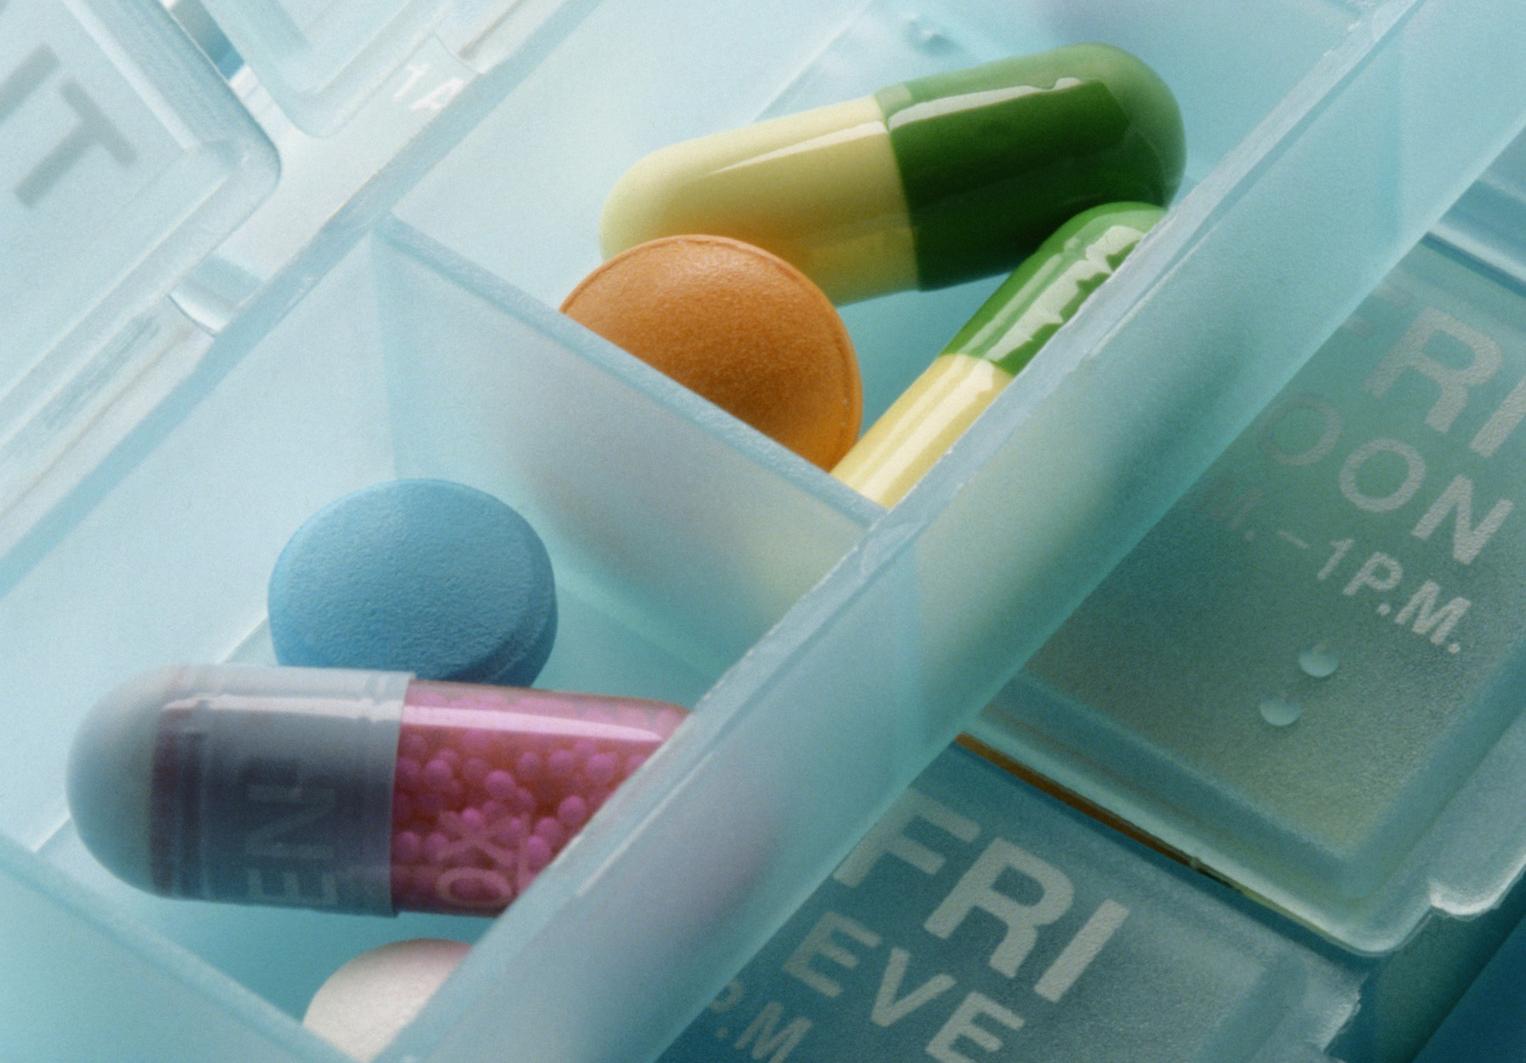 Ciudadanos y PNV piden en el Congreso de los Diputados que se paralice el decreto de prescripción